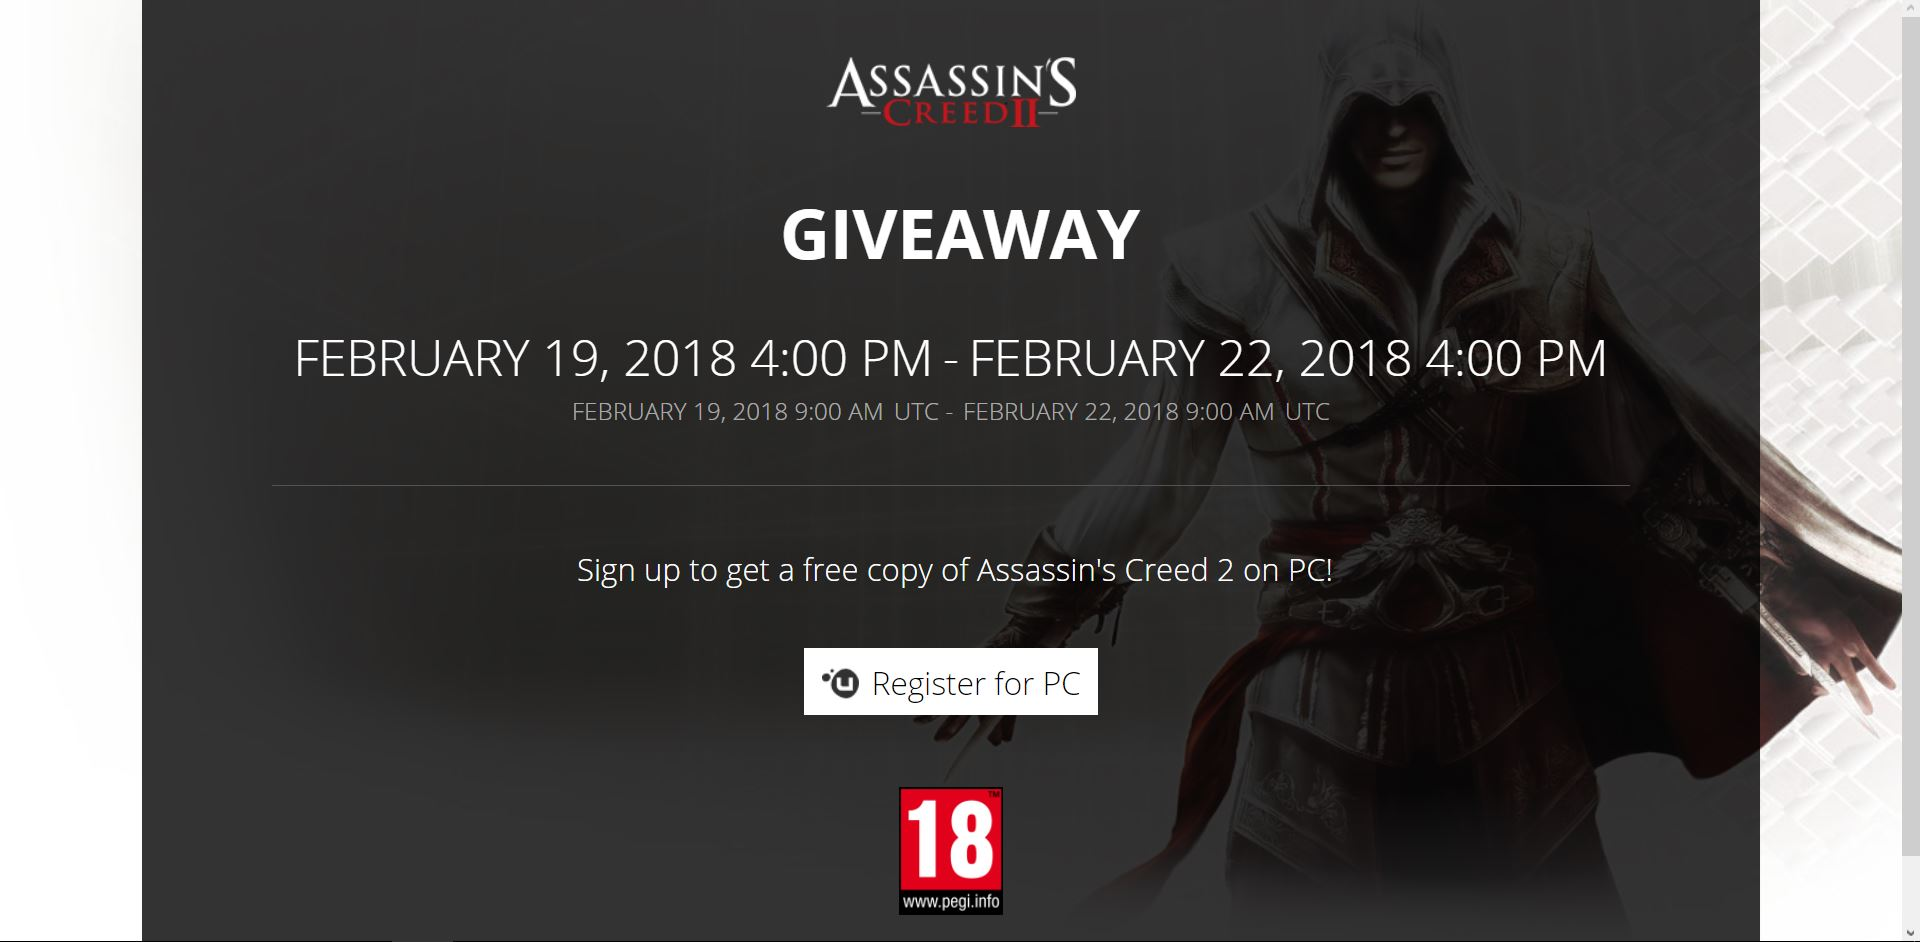 Nhanh tay sở hữu miễn phí 3 tựa game Trials Fusion, Assassin's Creed II và Might & Magic Heroes VII từ Ubisoft